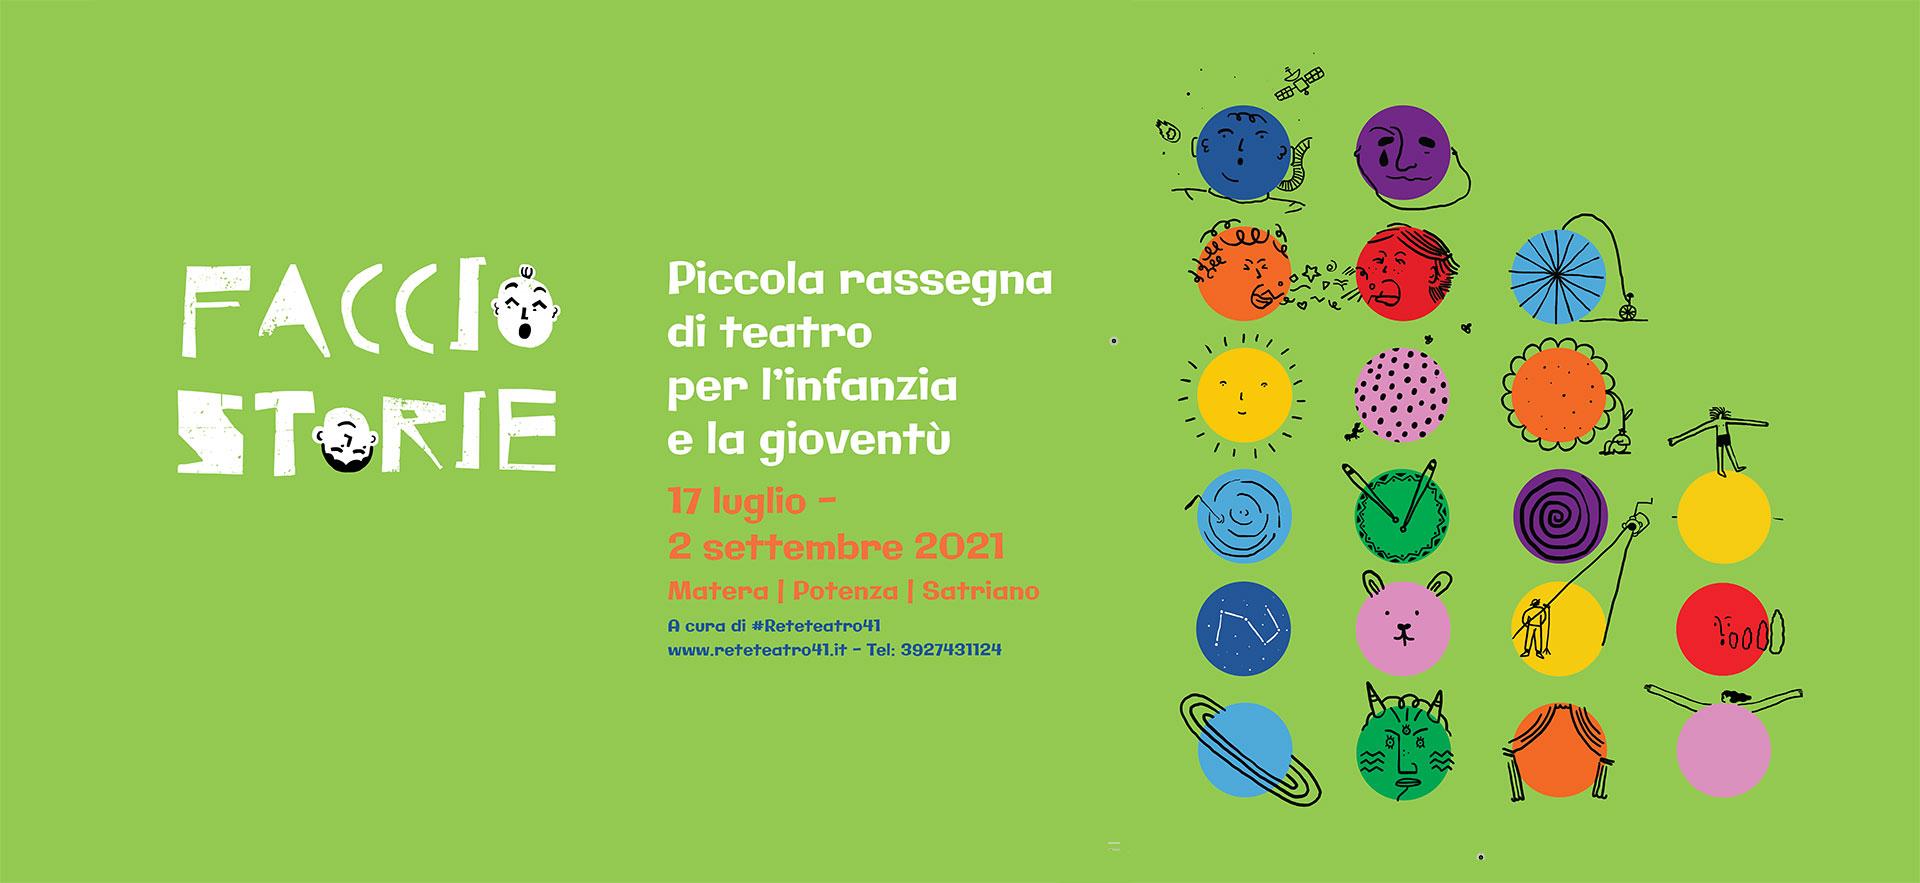 Faccio Storie - Rassegna Teatro Infanzia